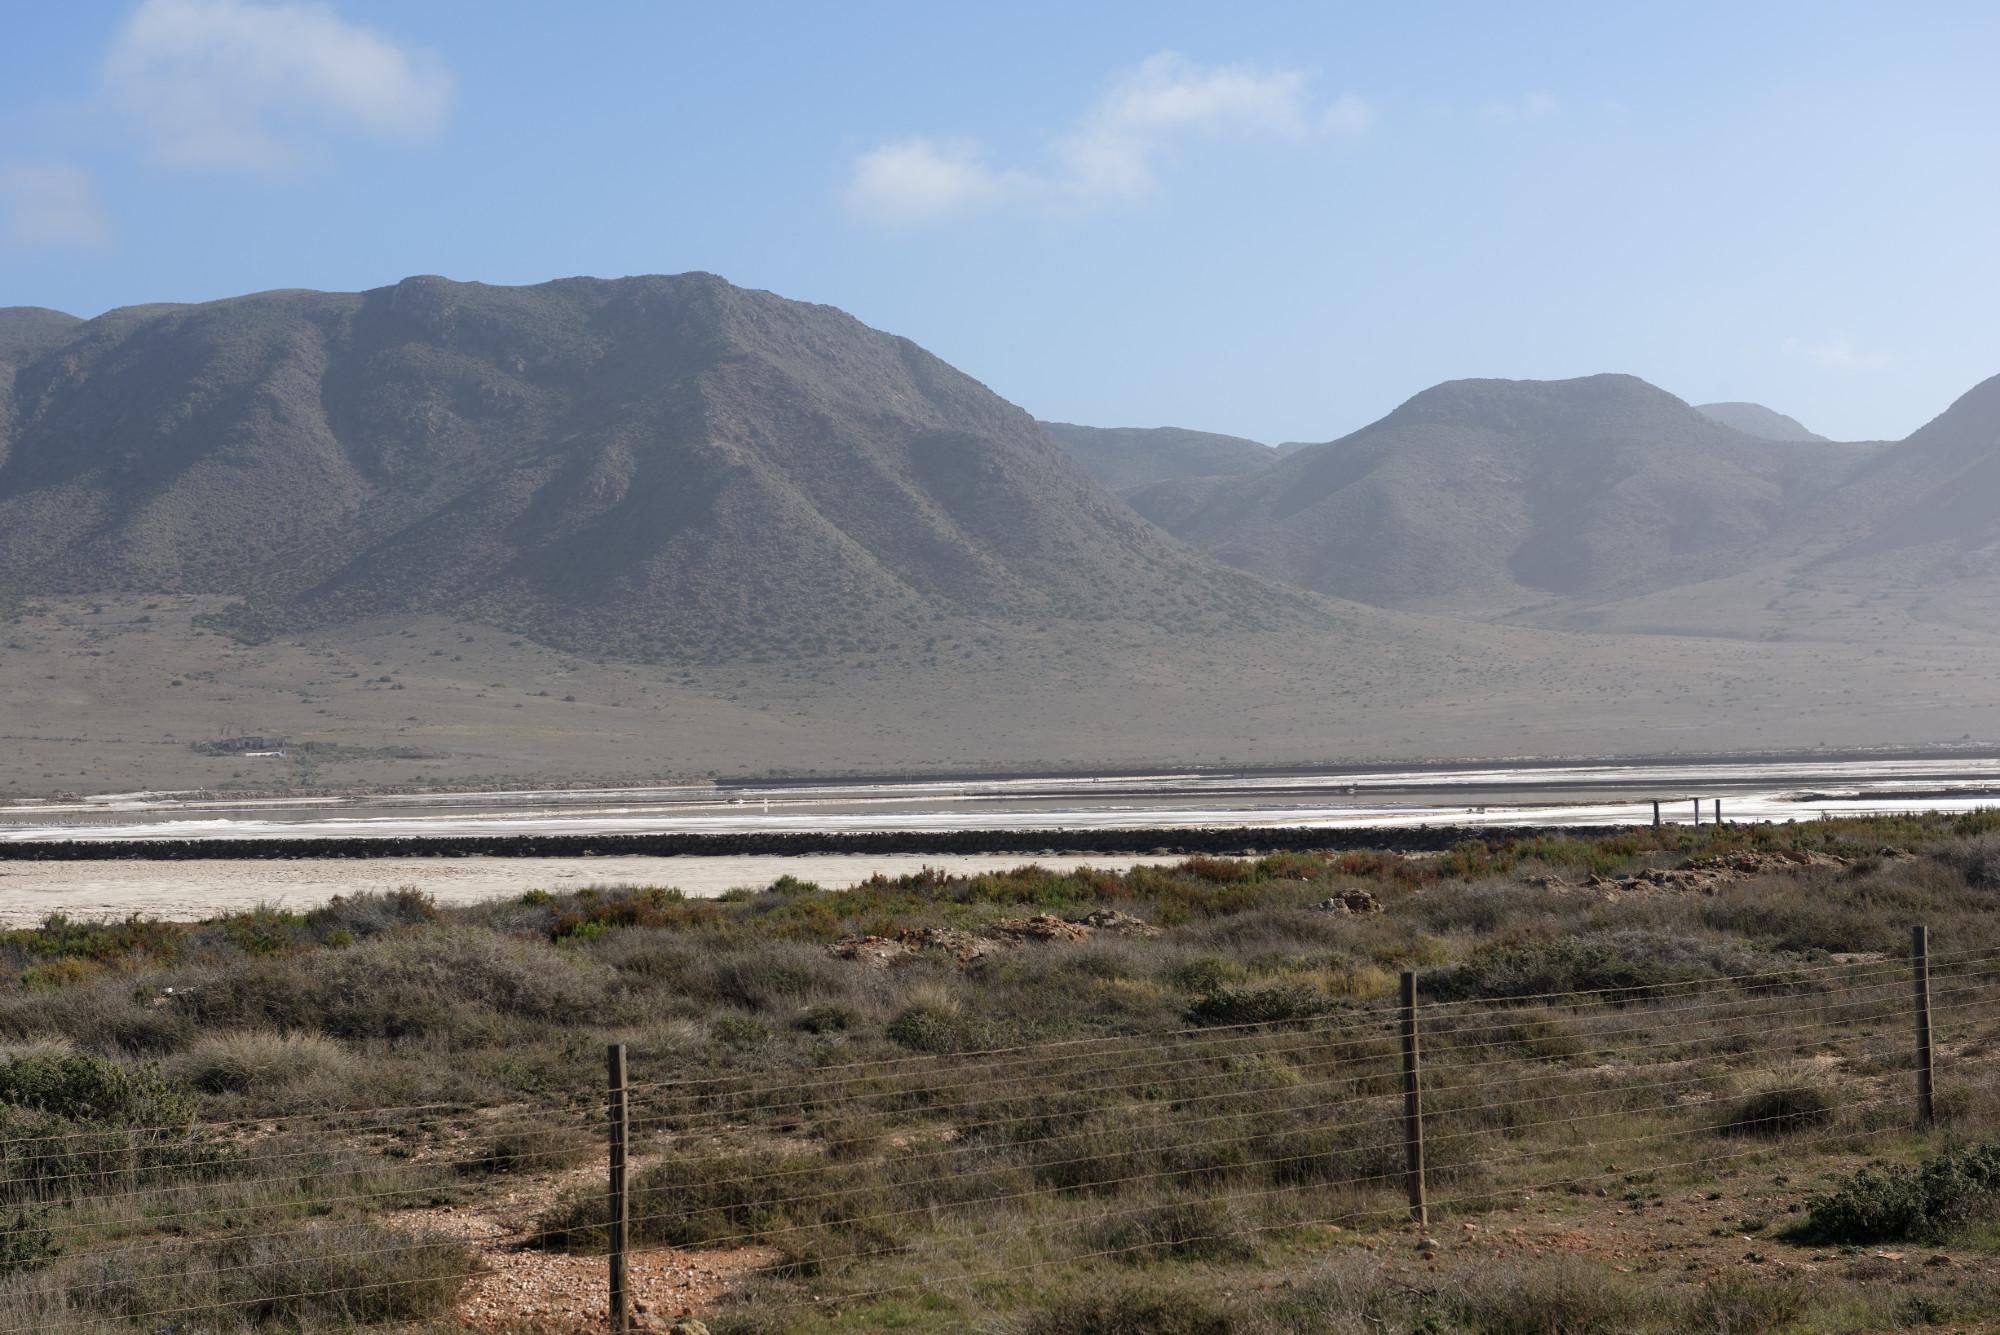 171215-La Almadraba de Montelava (Cabo de Gata - Andalousie) (3)